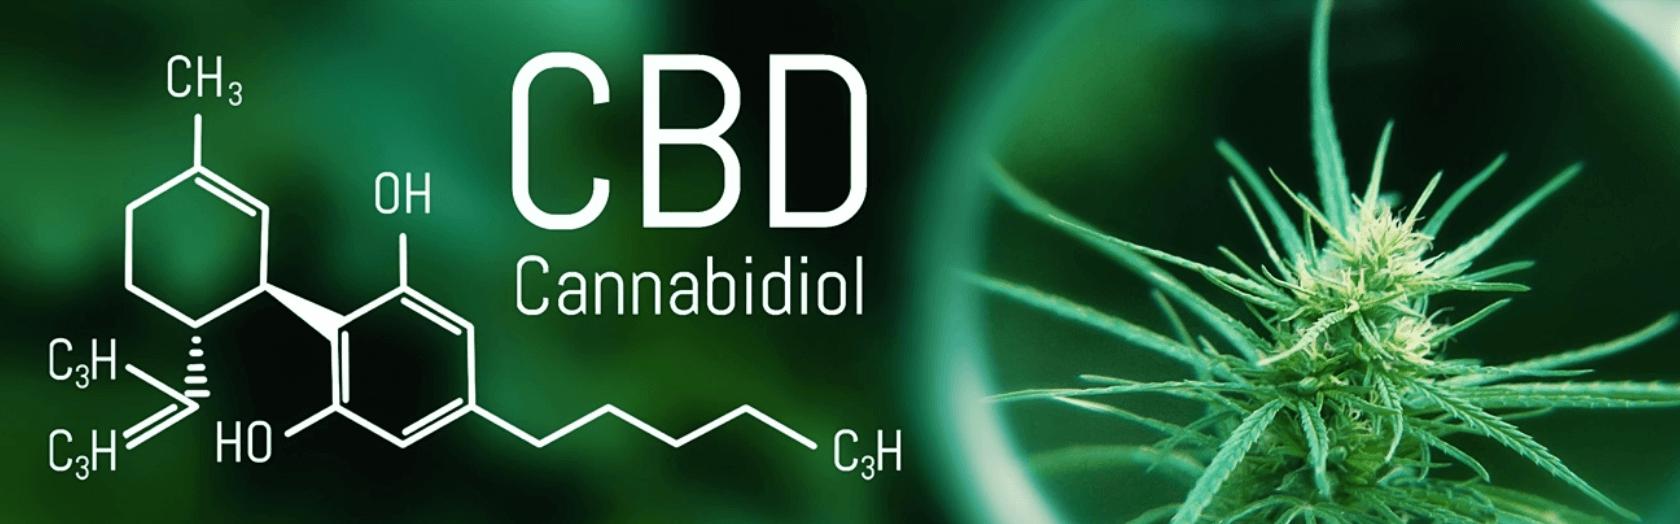 CBD – Właściwości, działanie i dawkowanie kannabidiolu